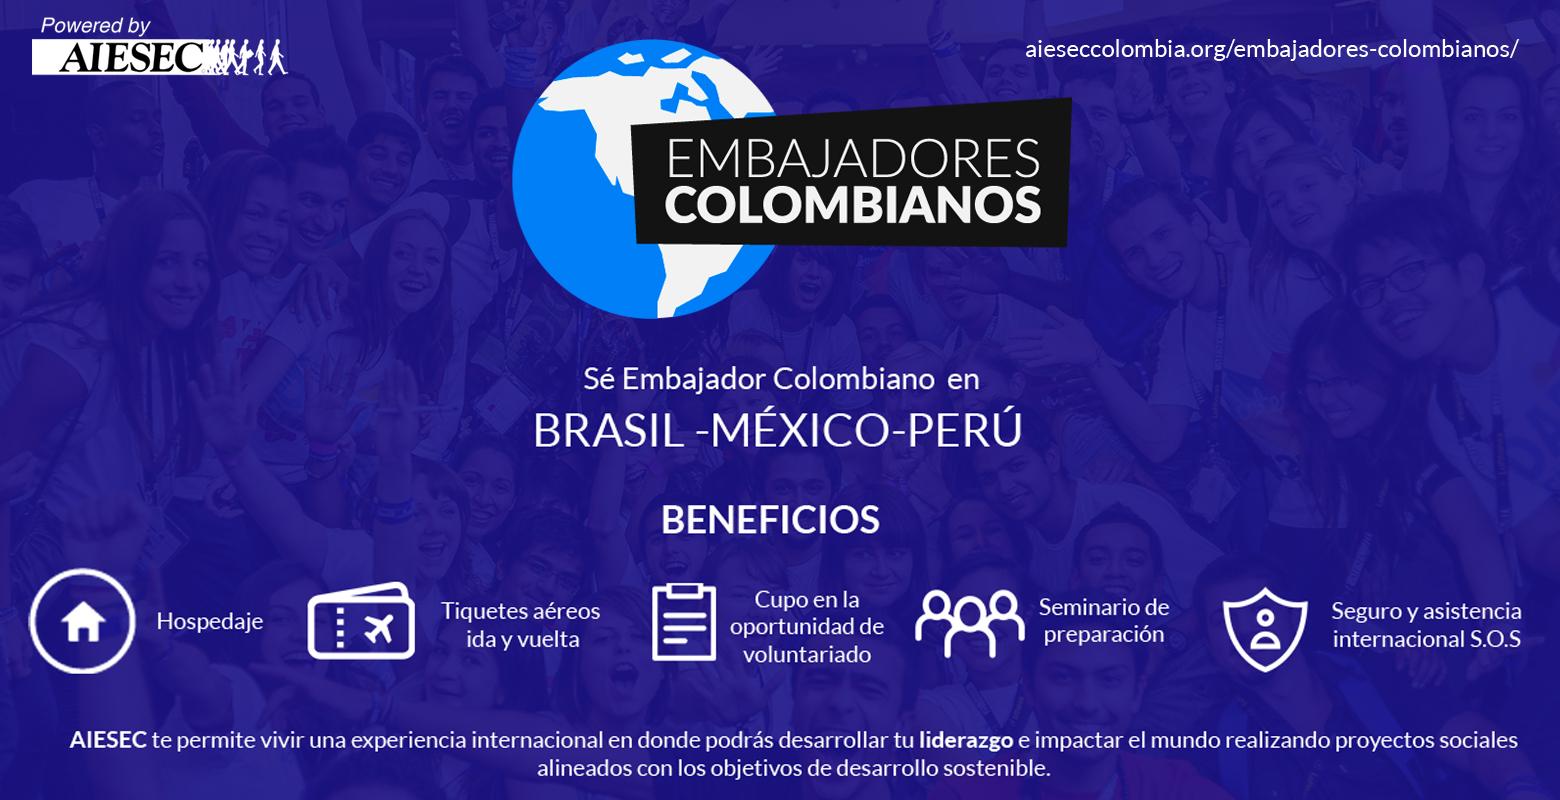 ¡Conviértete en Embajador Colombiano!